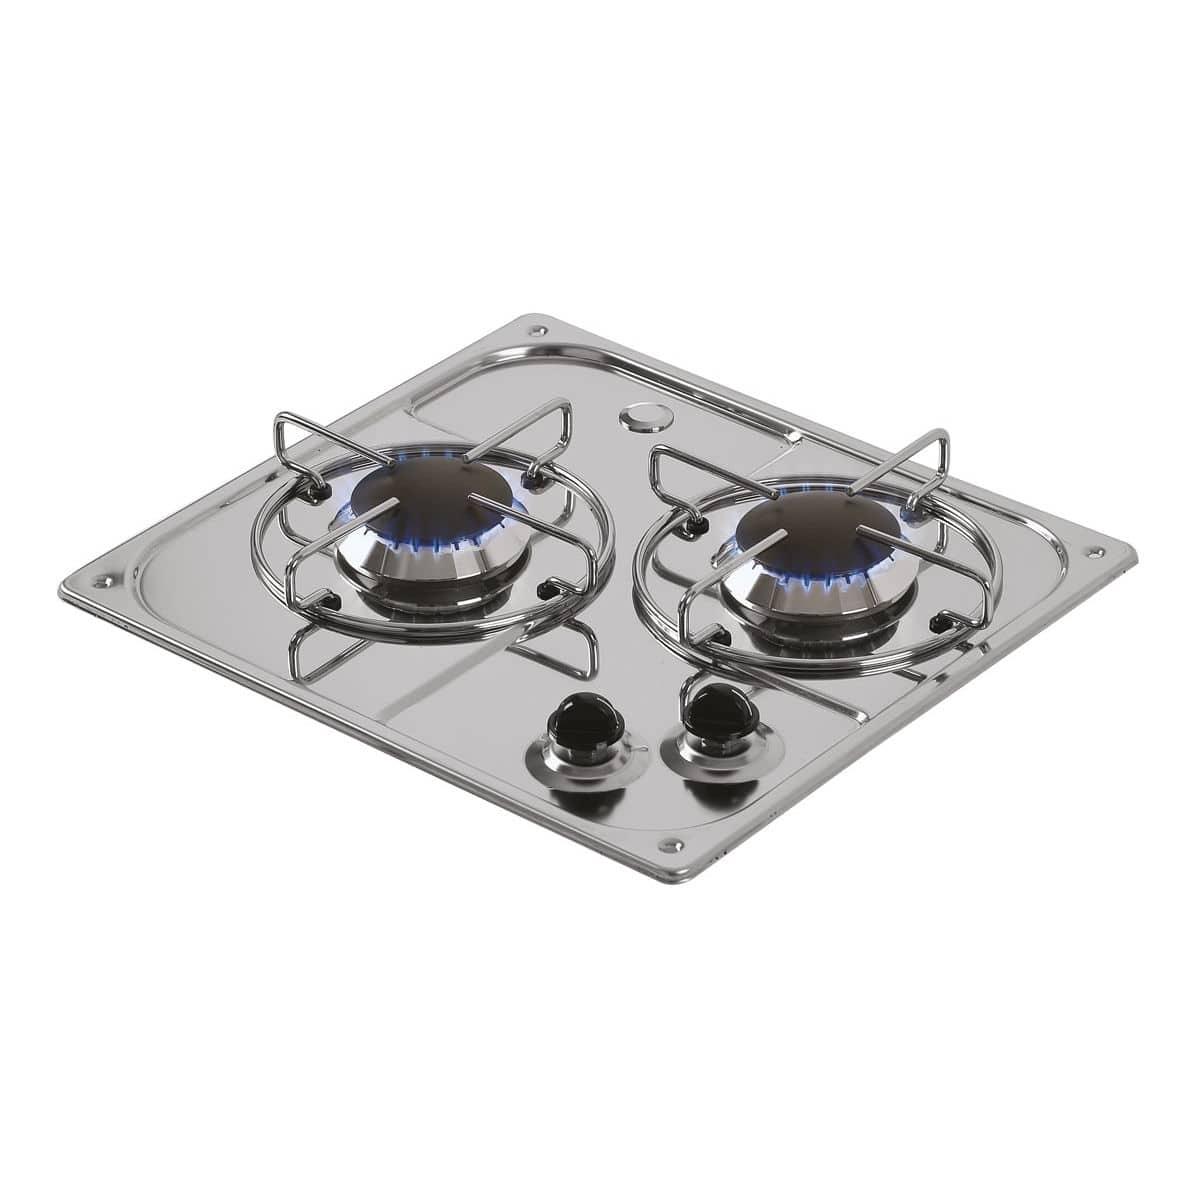 Placa de cocina a gas - PC1321 - CAN DI BELLINI MAURO ...